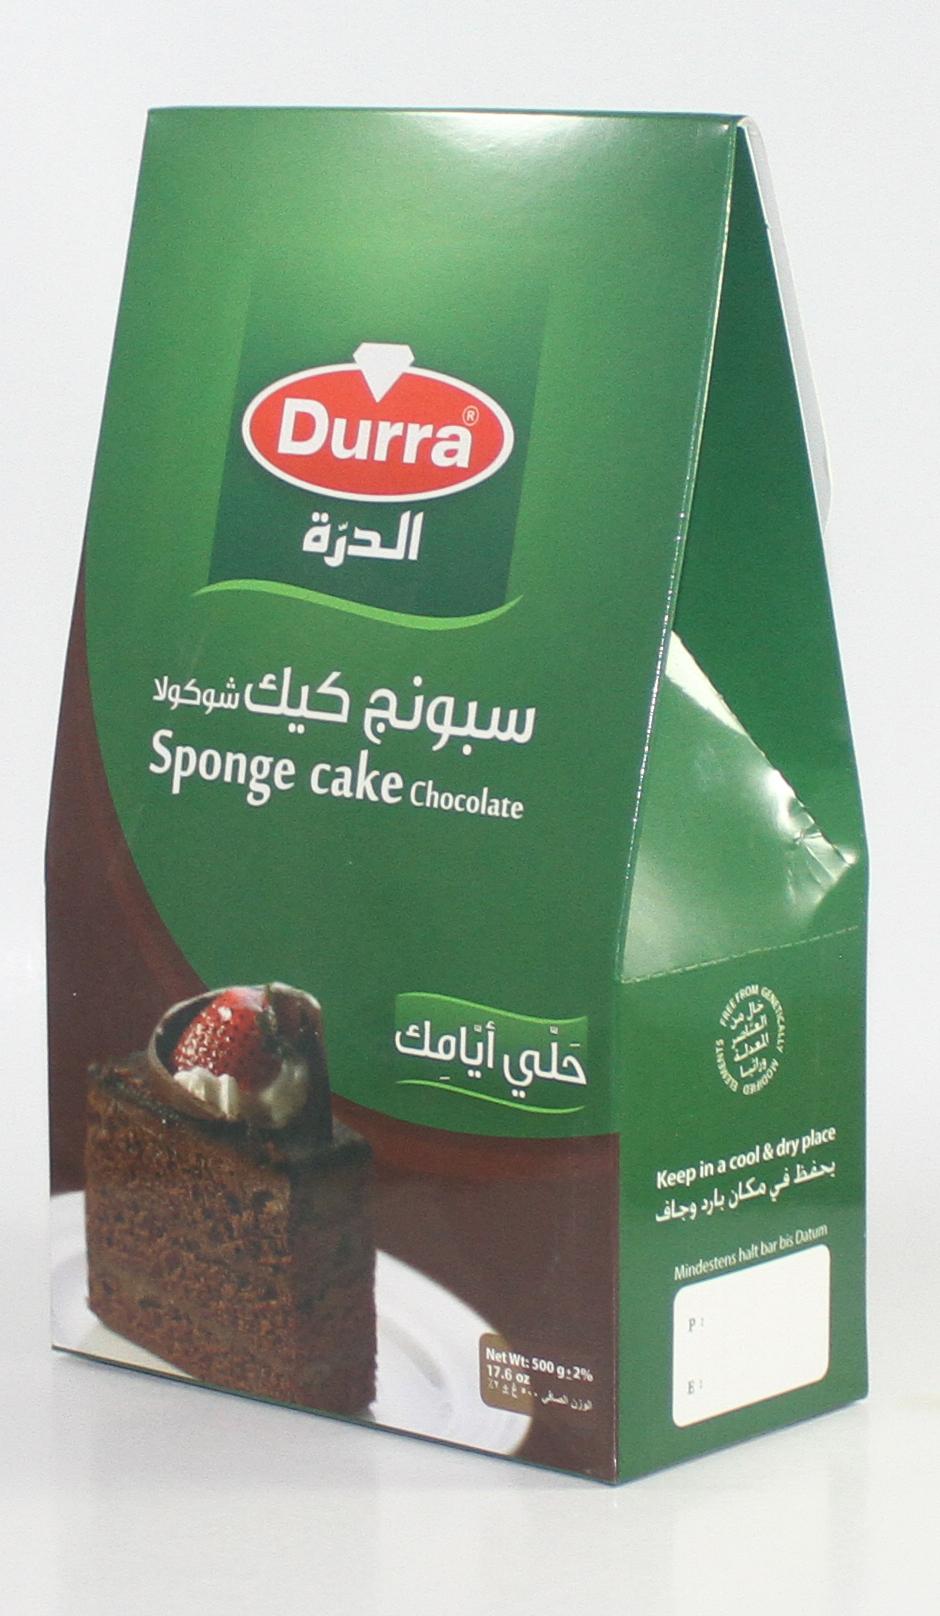 كيكة سبونج شوكولا الدرة علبة كرتون 500غ